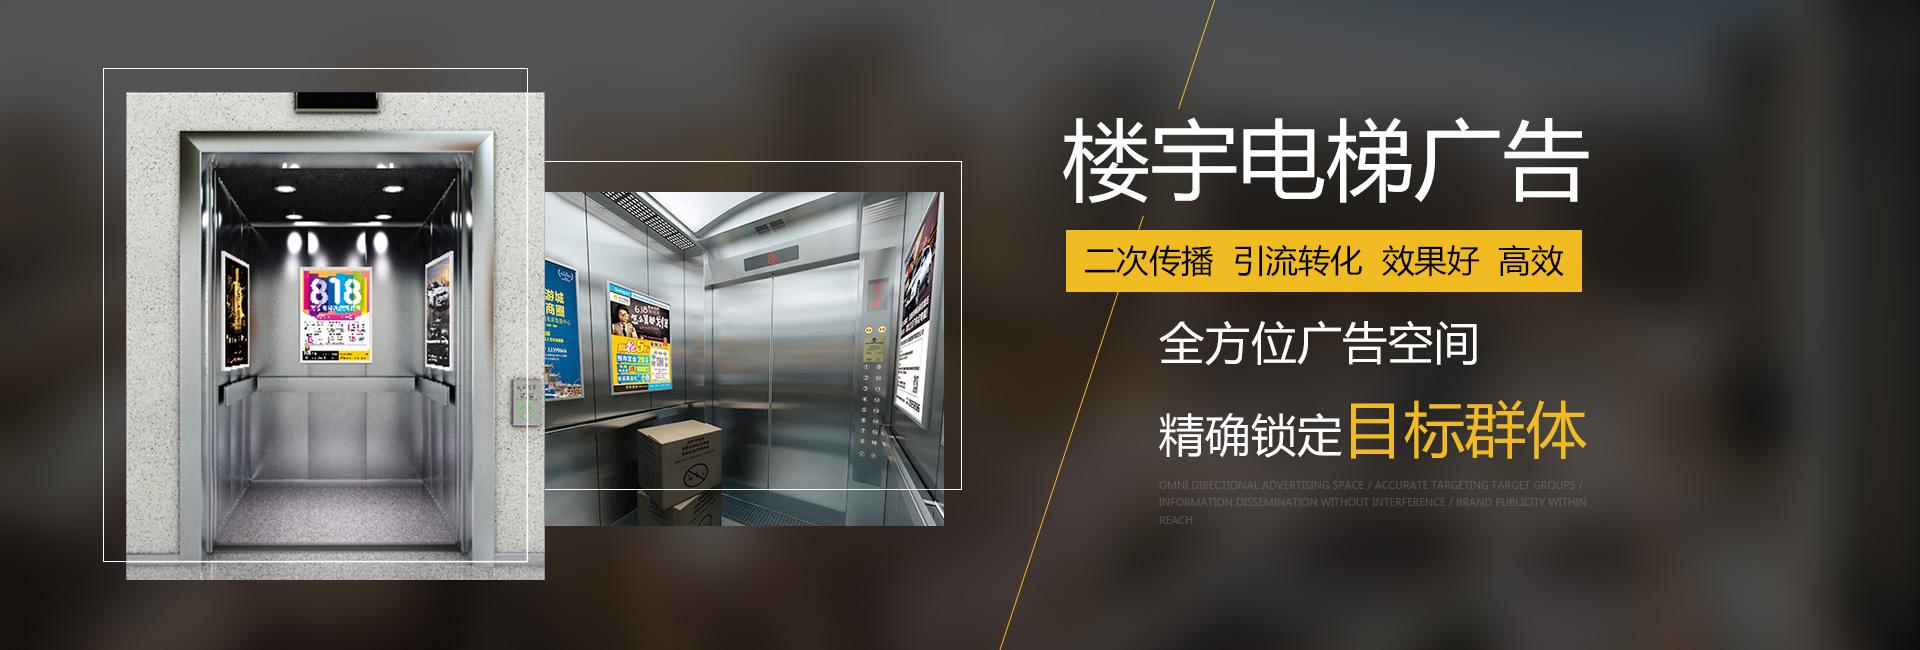 電梯廣告公司